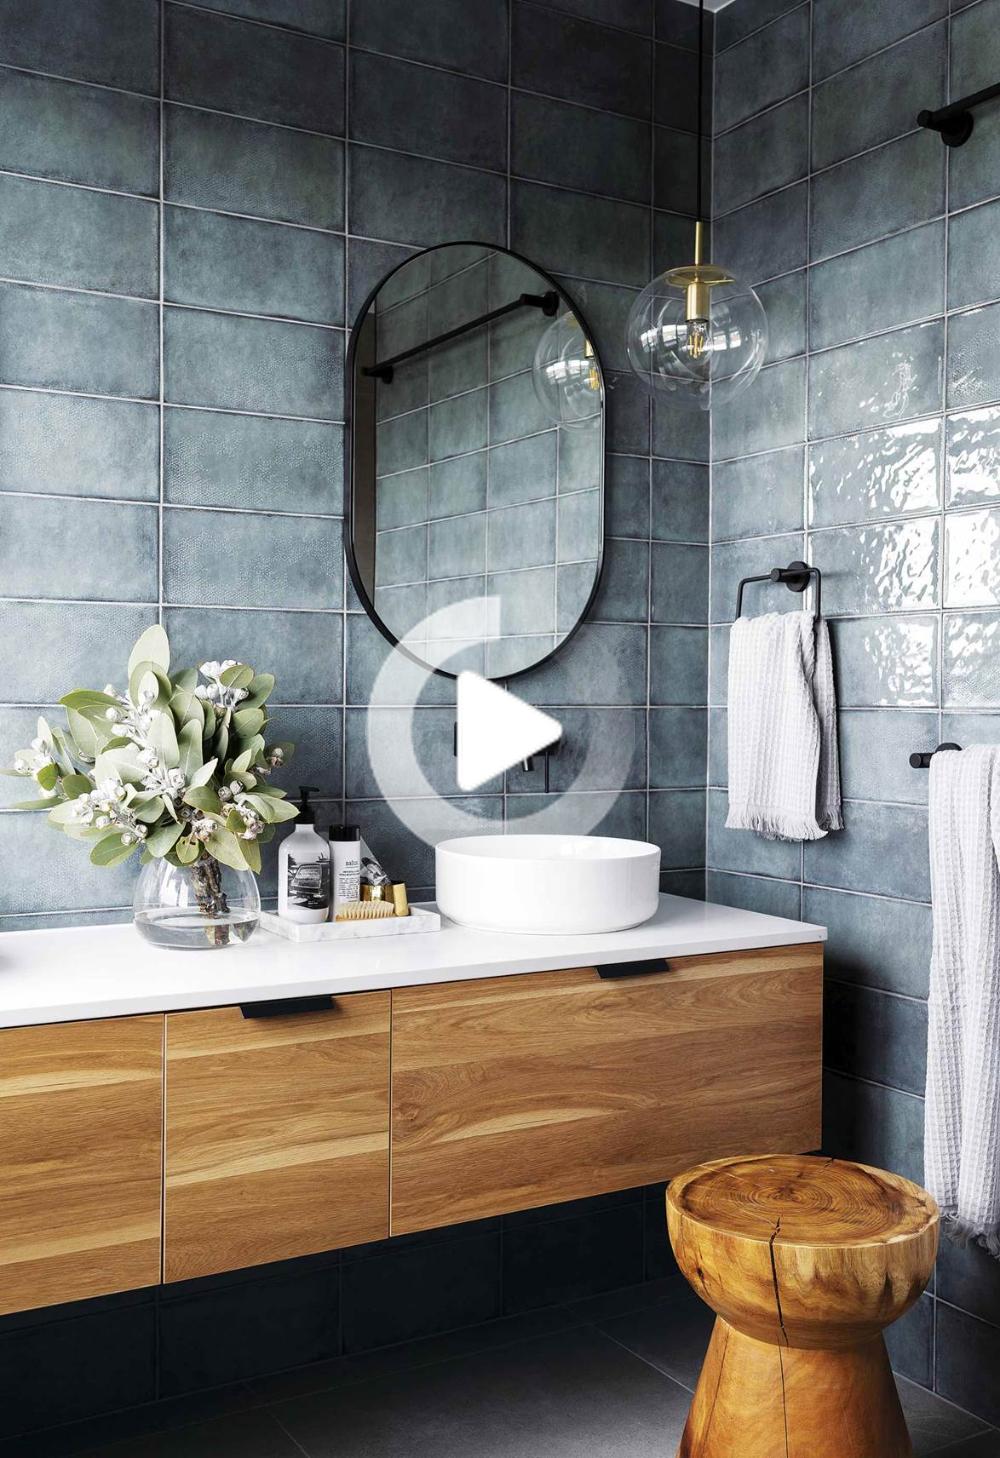 6 Badezimmer Dekor Ideen Zu Versuchen Im Jahr 2019 In 2020 Badezimmerfliesen Badezimmerfliesen Ideen Badezimmer Dekor